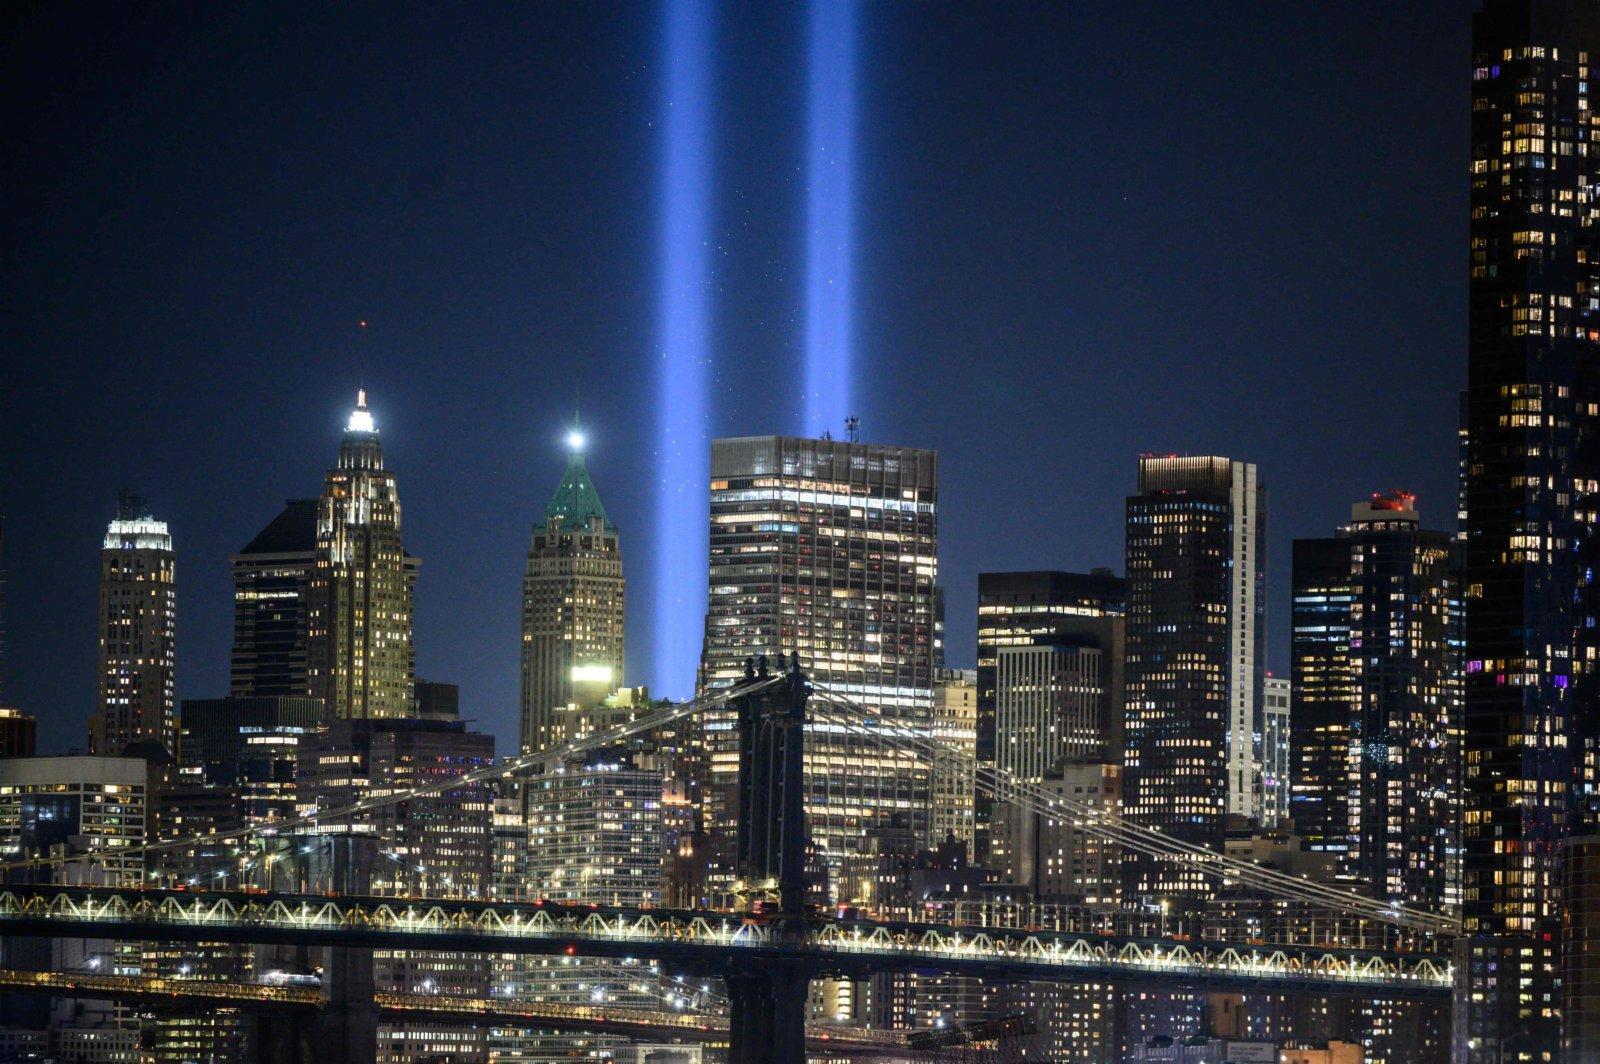 當地時間9月11日,美國紐約進行一年一度的「燈光致敬」——兩束高能光束將從雙子塔曾經矗立的地方直衝雲霄,紀念「9·11」事件遇難者。(路透社)